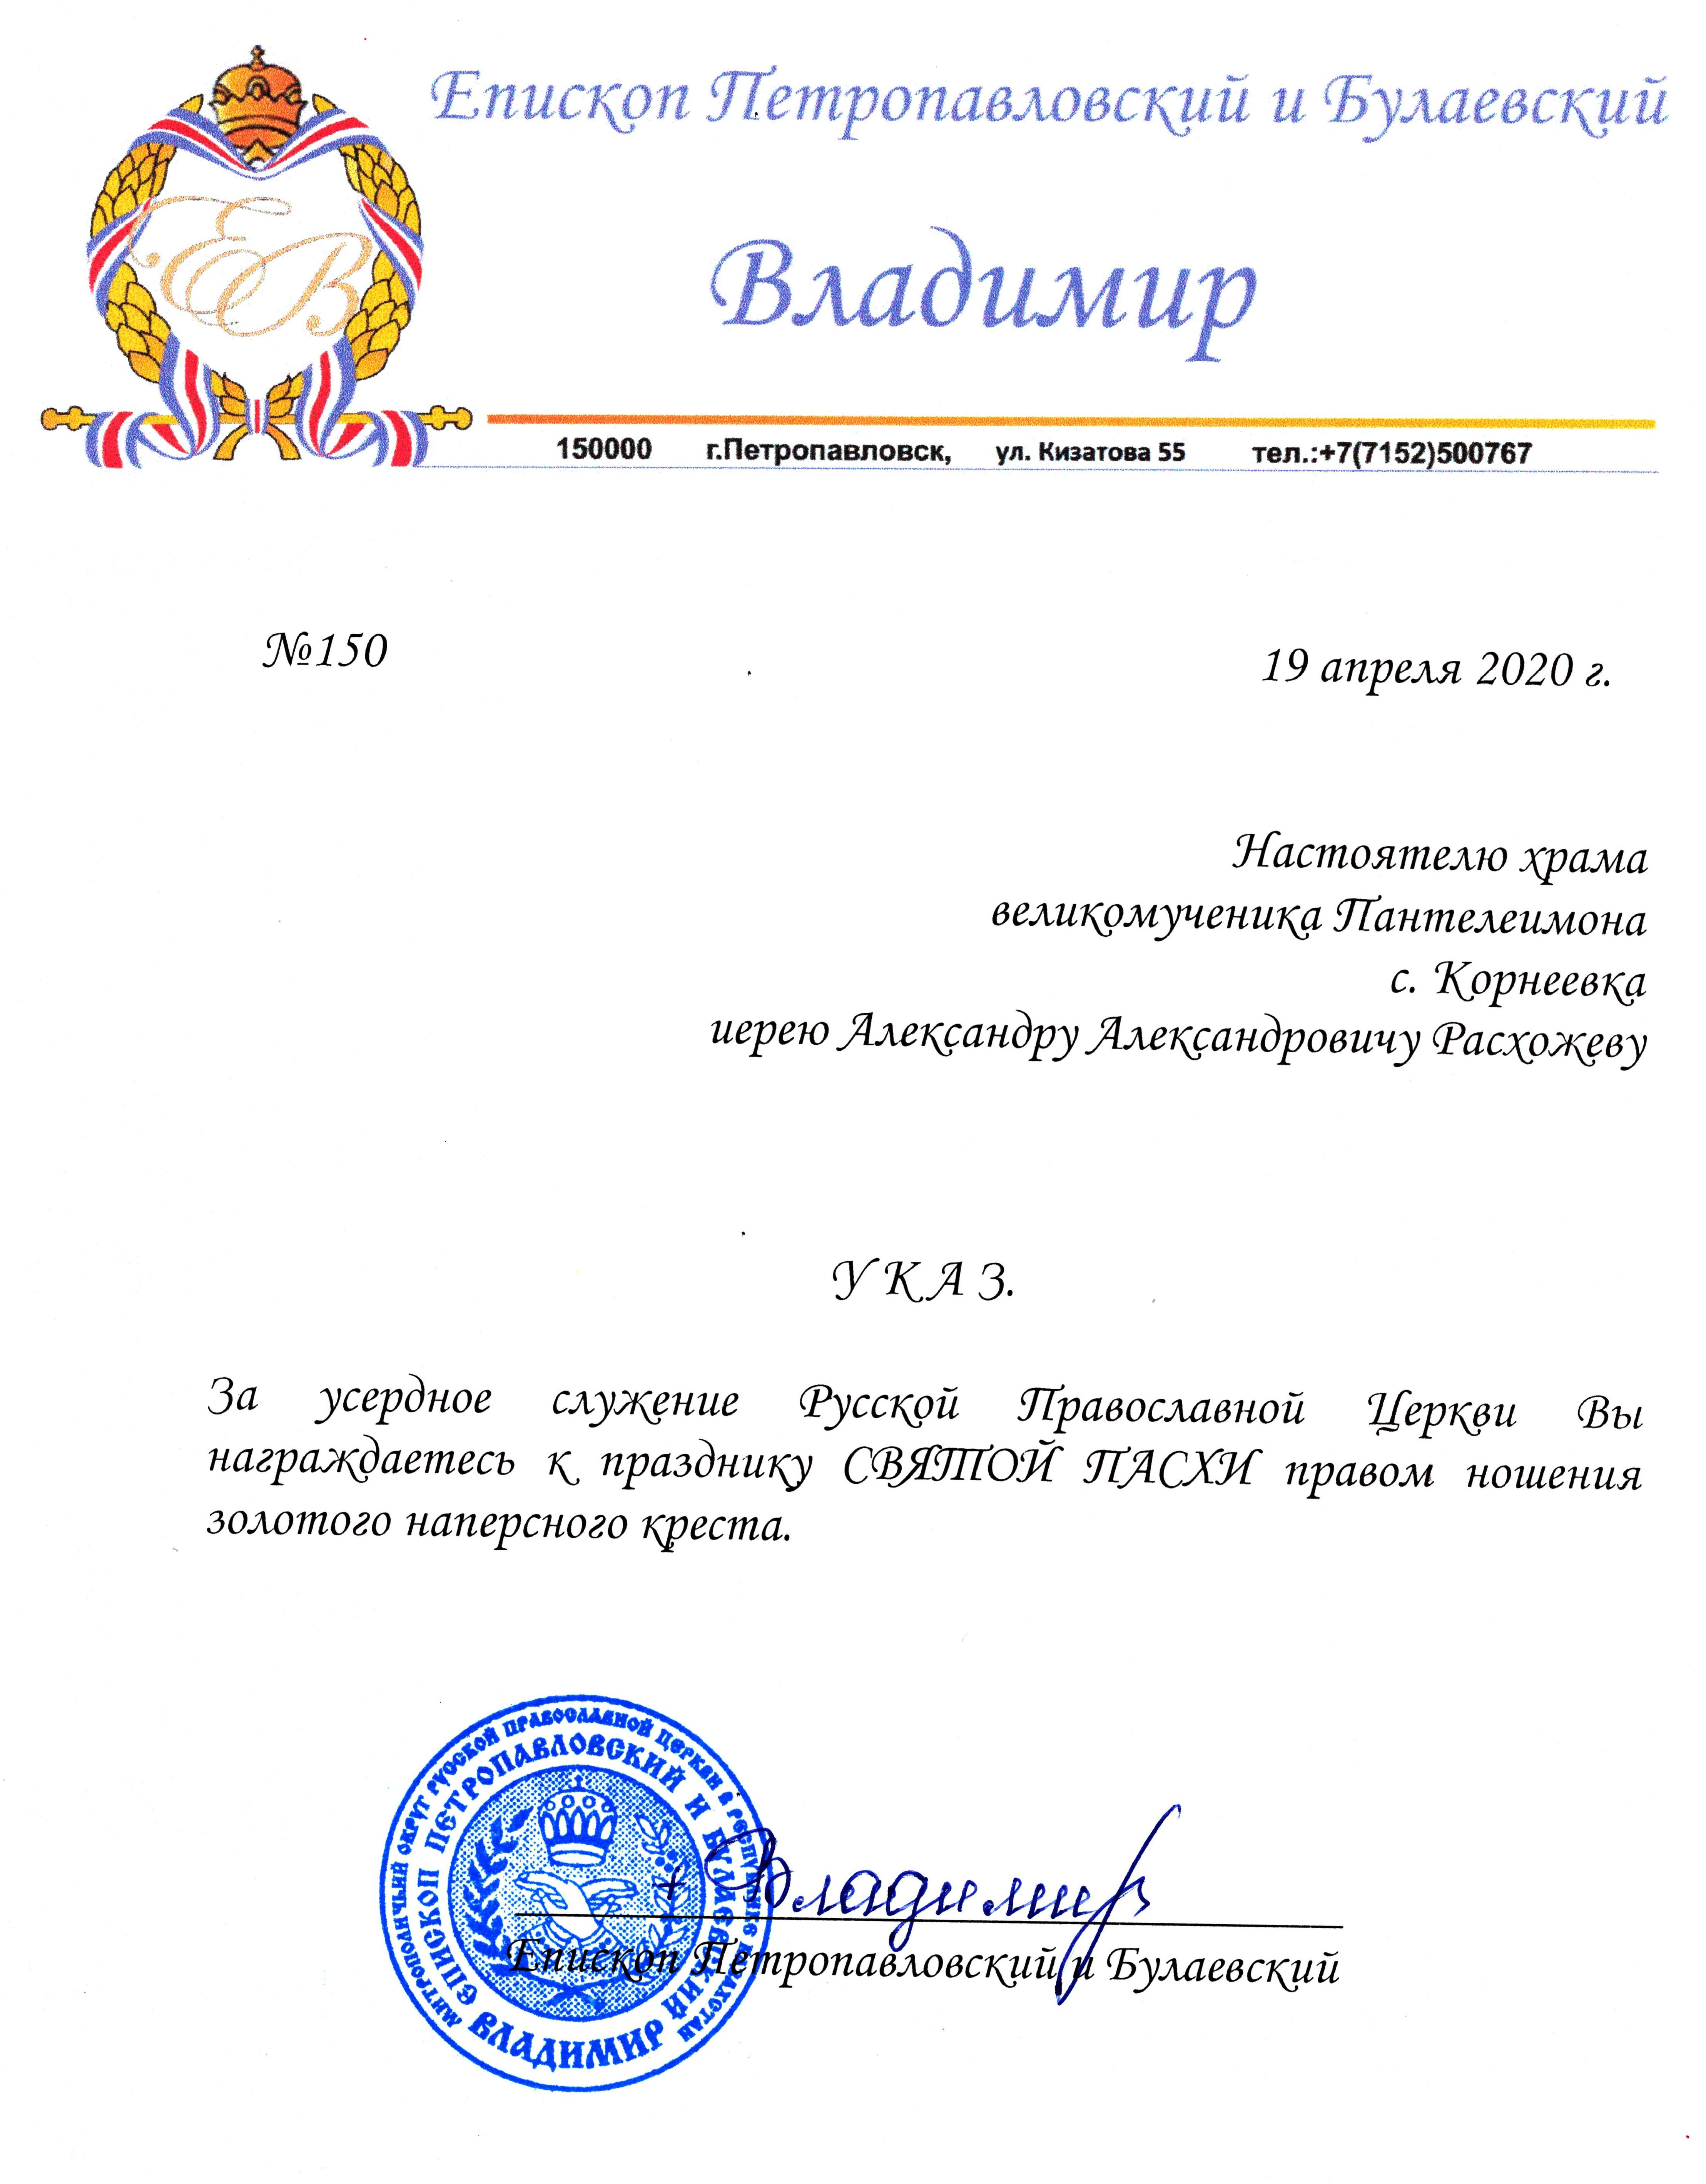 Иерархические награды вручены клирикам Петропавловской епархии